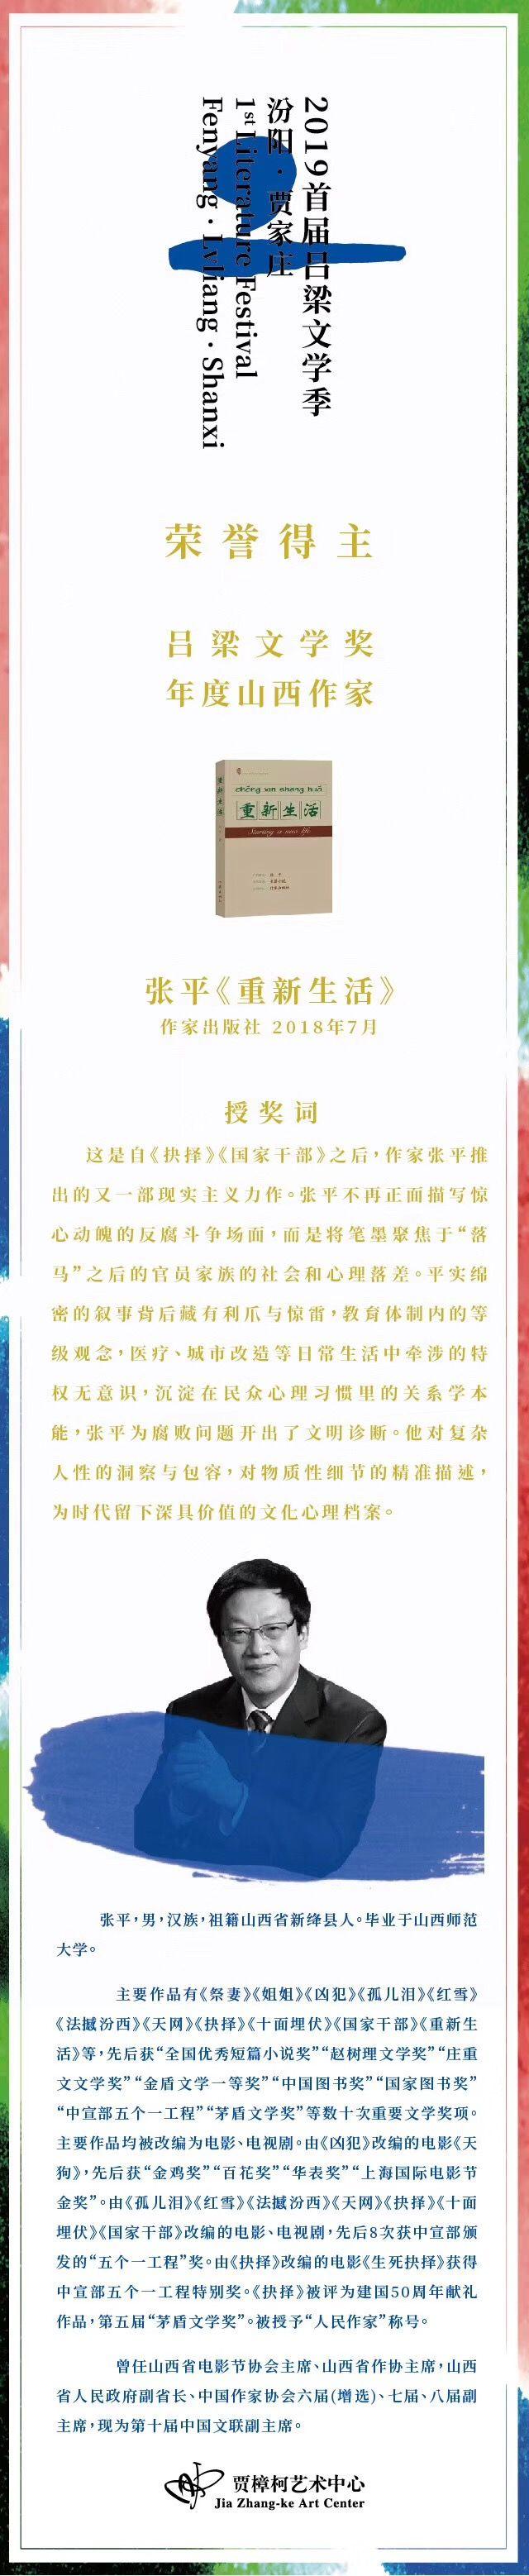 张平以《重新生活》获吕梁文学奖2019年度山西作家